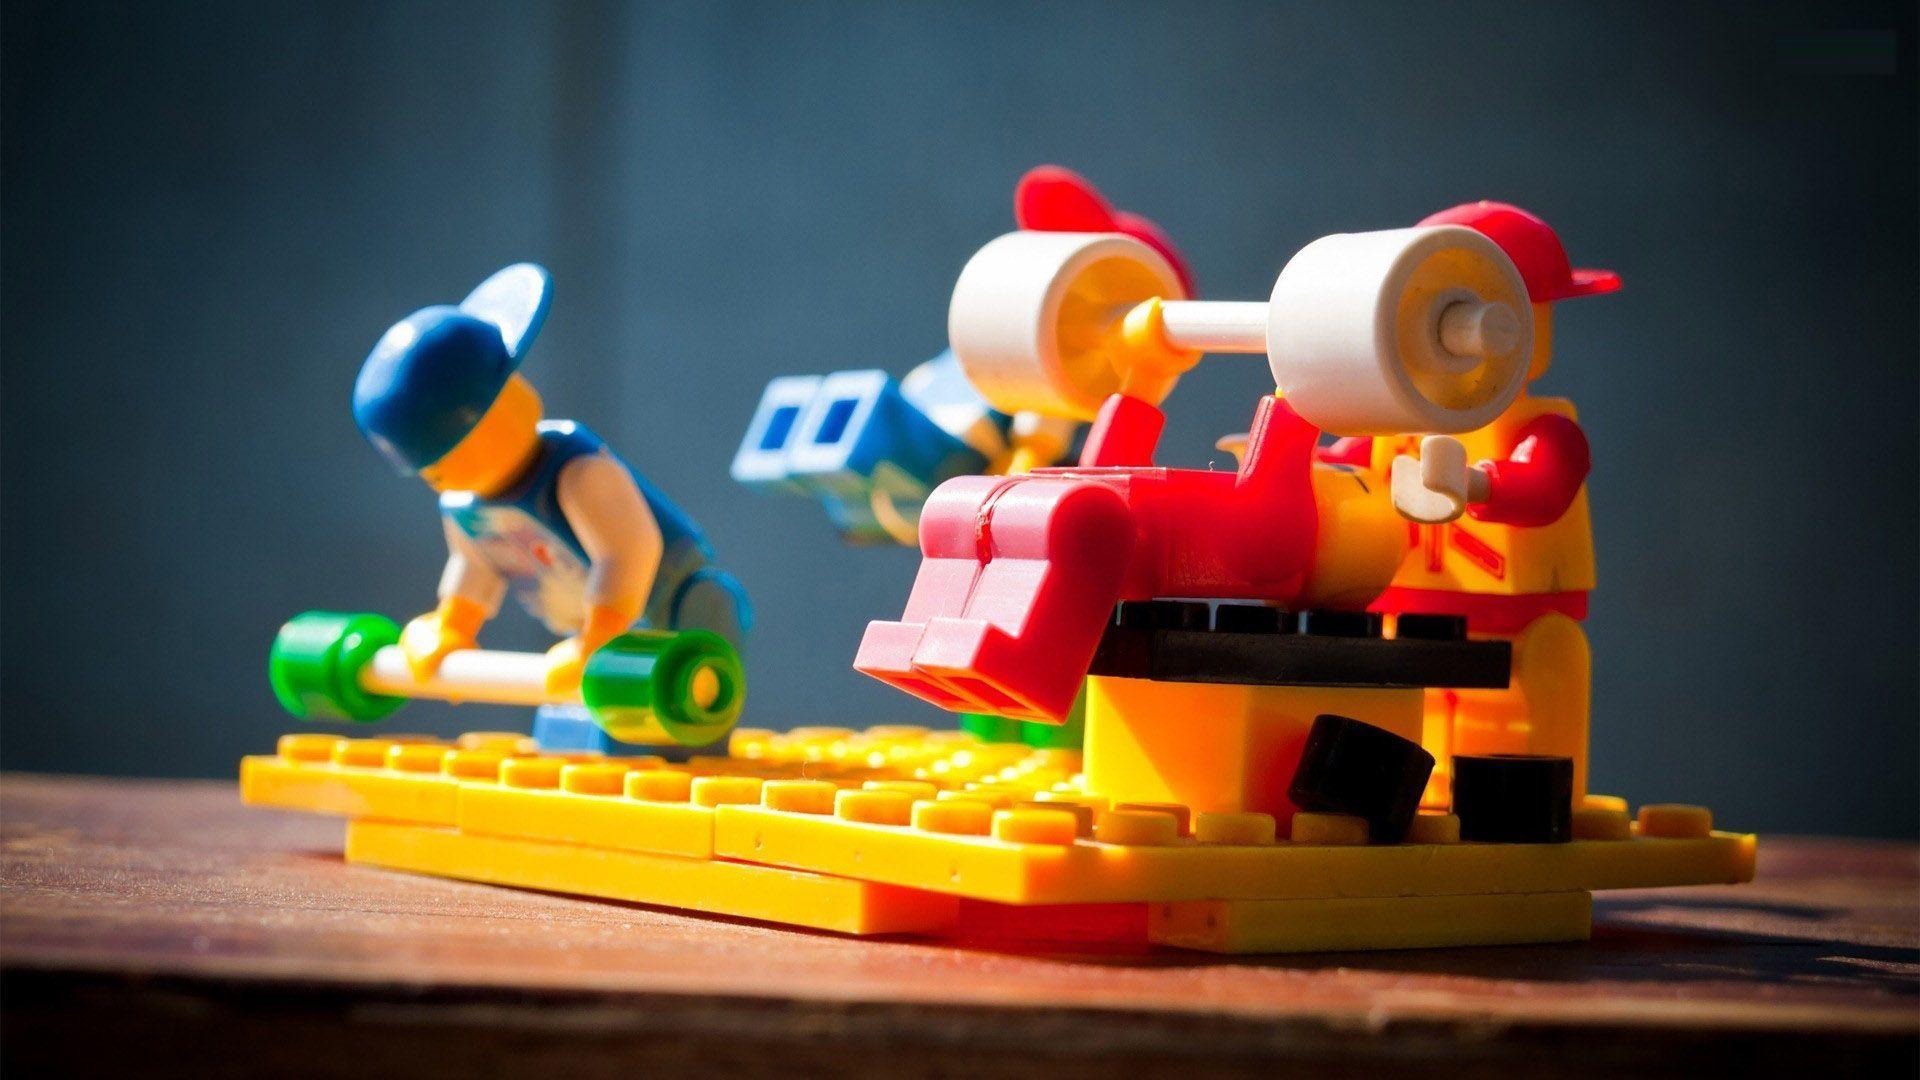 Fitness Legos HD 1080p Wallpaper herunterladen -  Fitness Legos HD 1080p Wallpaper herunterladen Die...